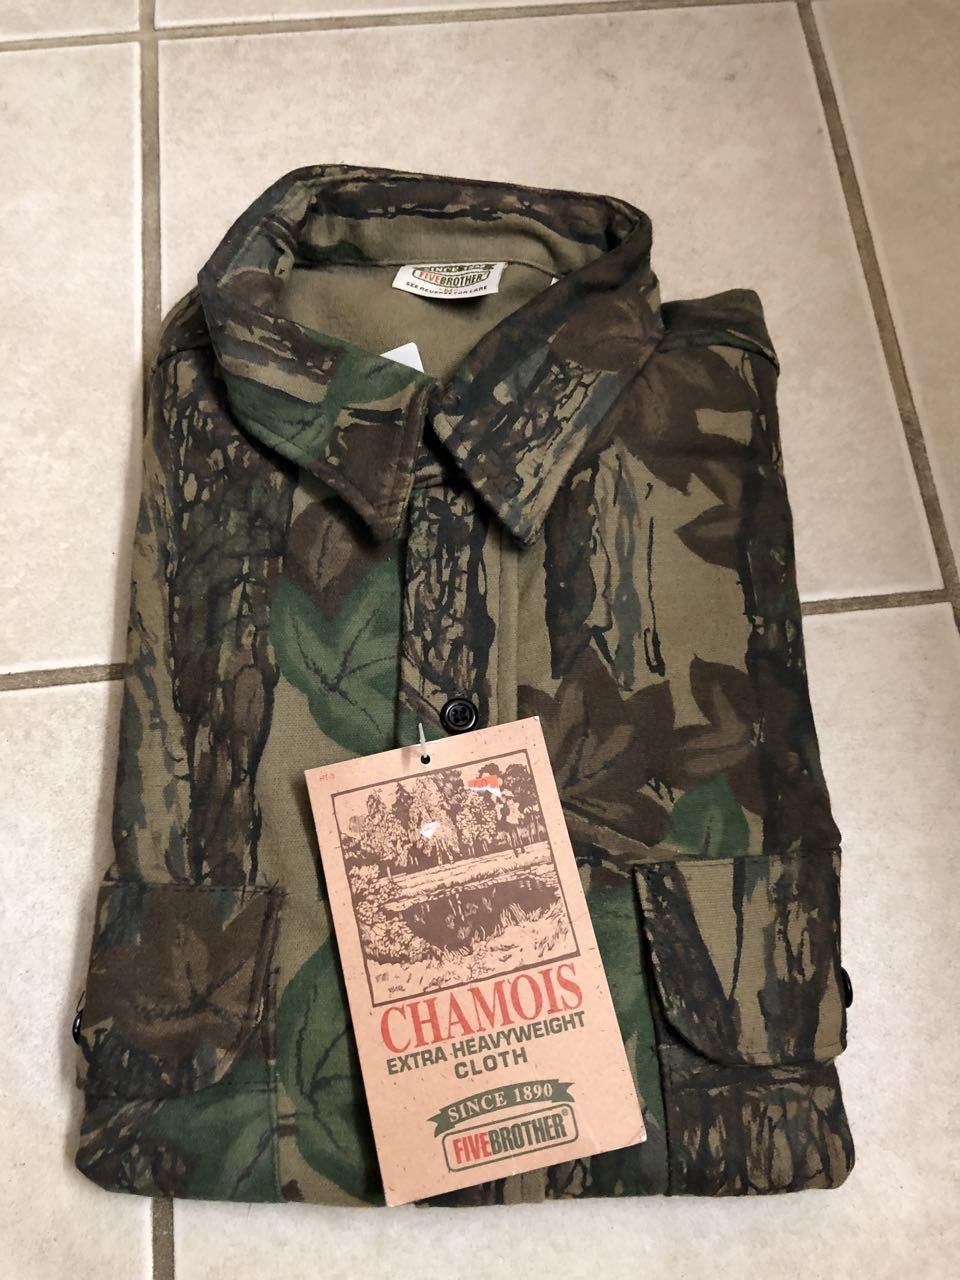 アメリカ仕入れ情報#30 90s デッドストック FIVE BROTHERS all cotton シャモアクロス ネルシャツ!_c0144020_14114485.jpg